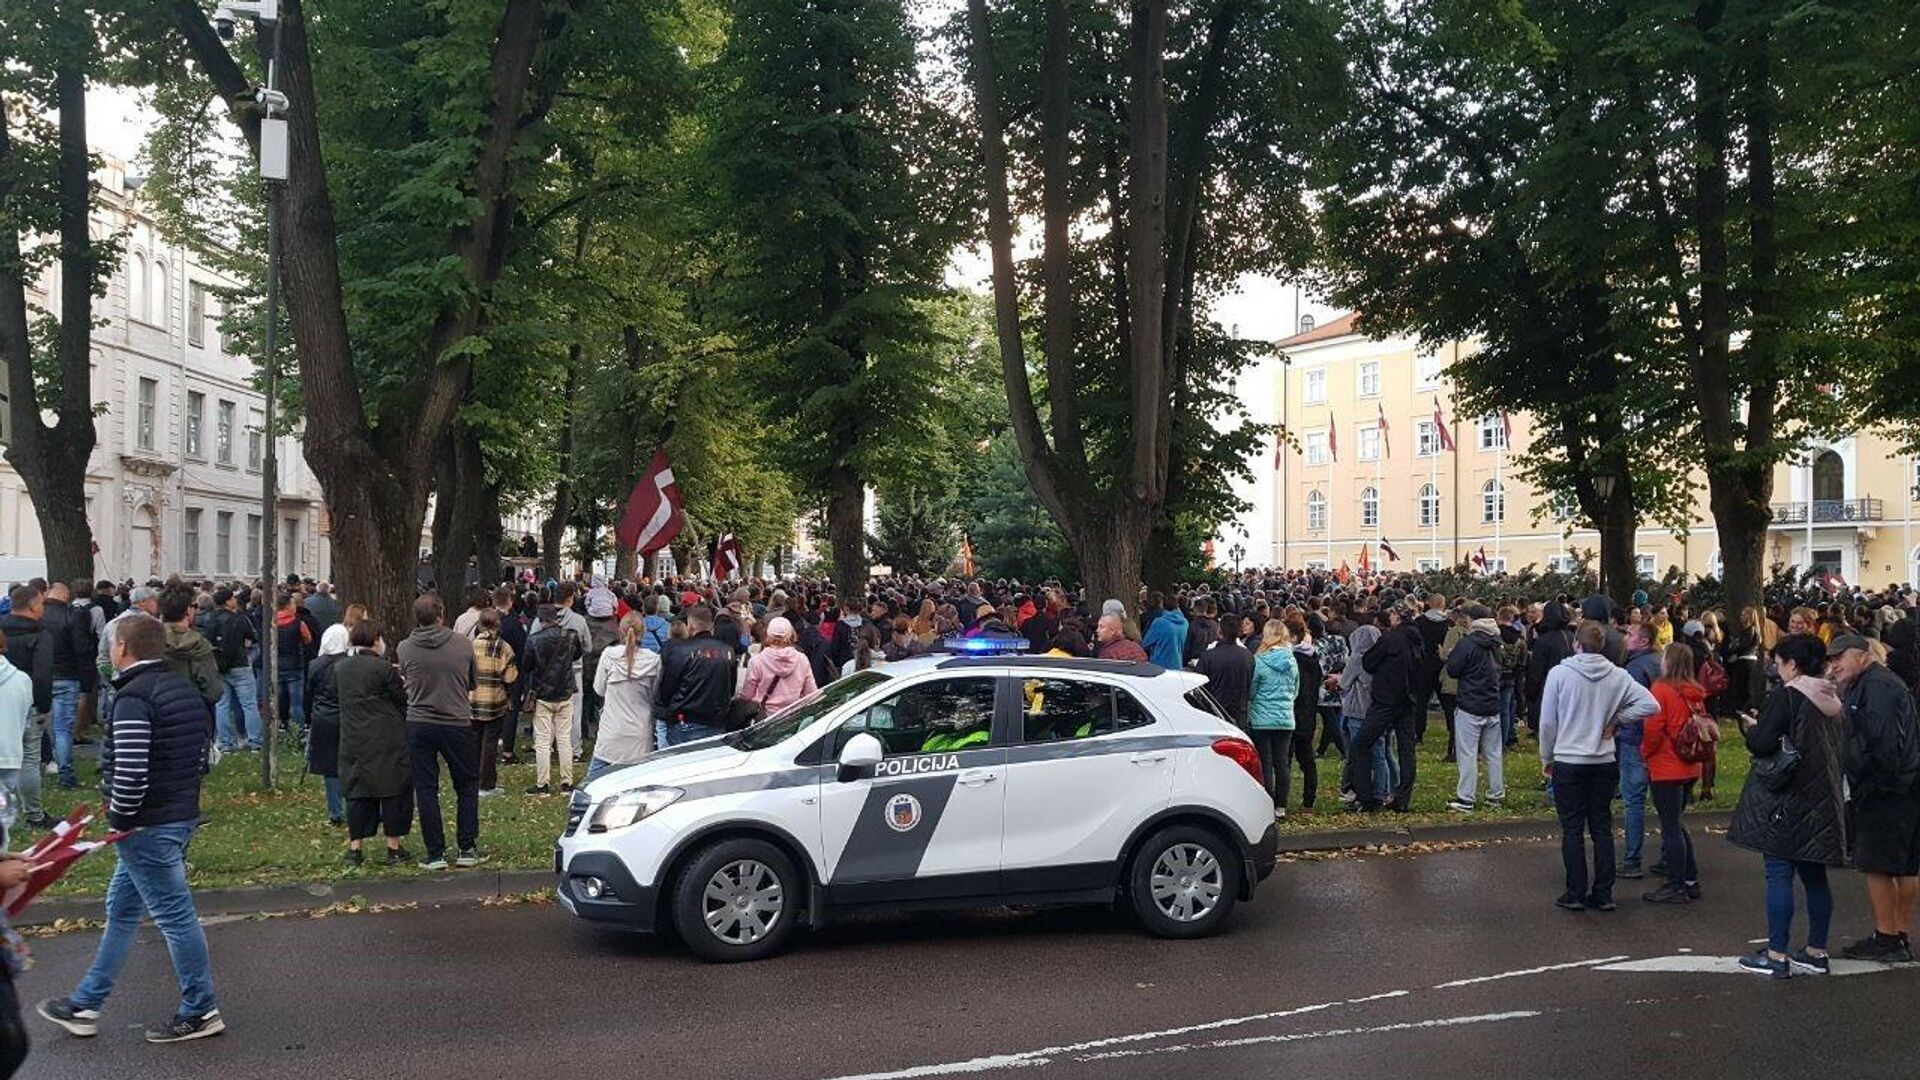 В Риге люди стекаются к Рижскому замку на акцию протеста против обязательной вакцинации - Sputnik Латвия, 1920, 18.08.2021